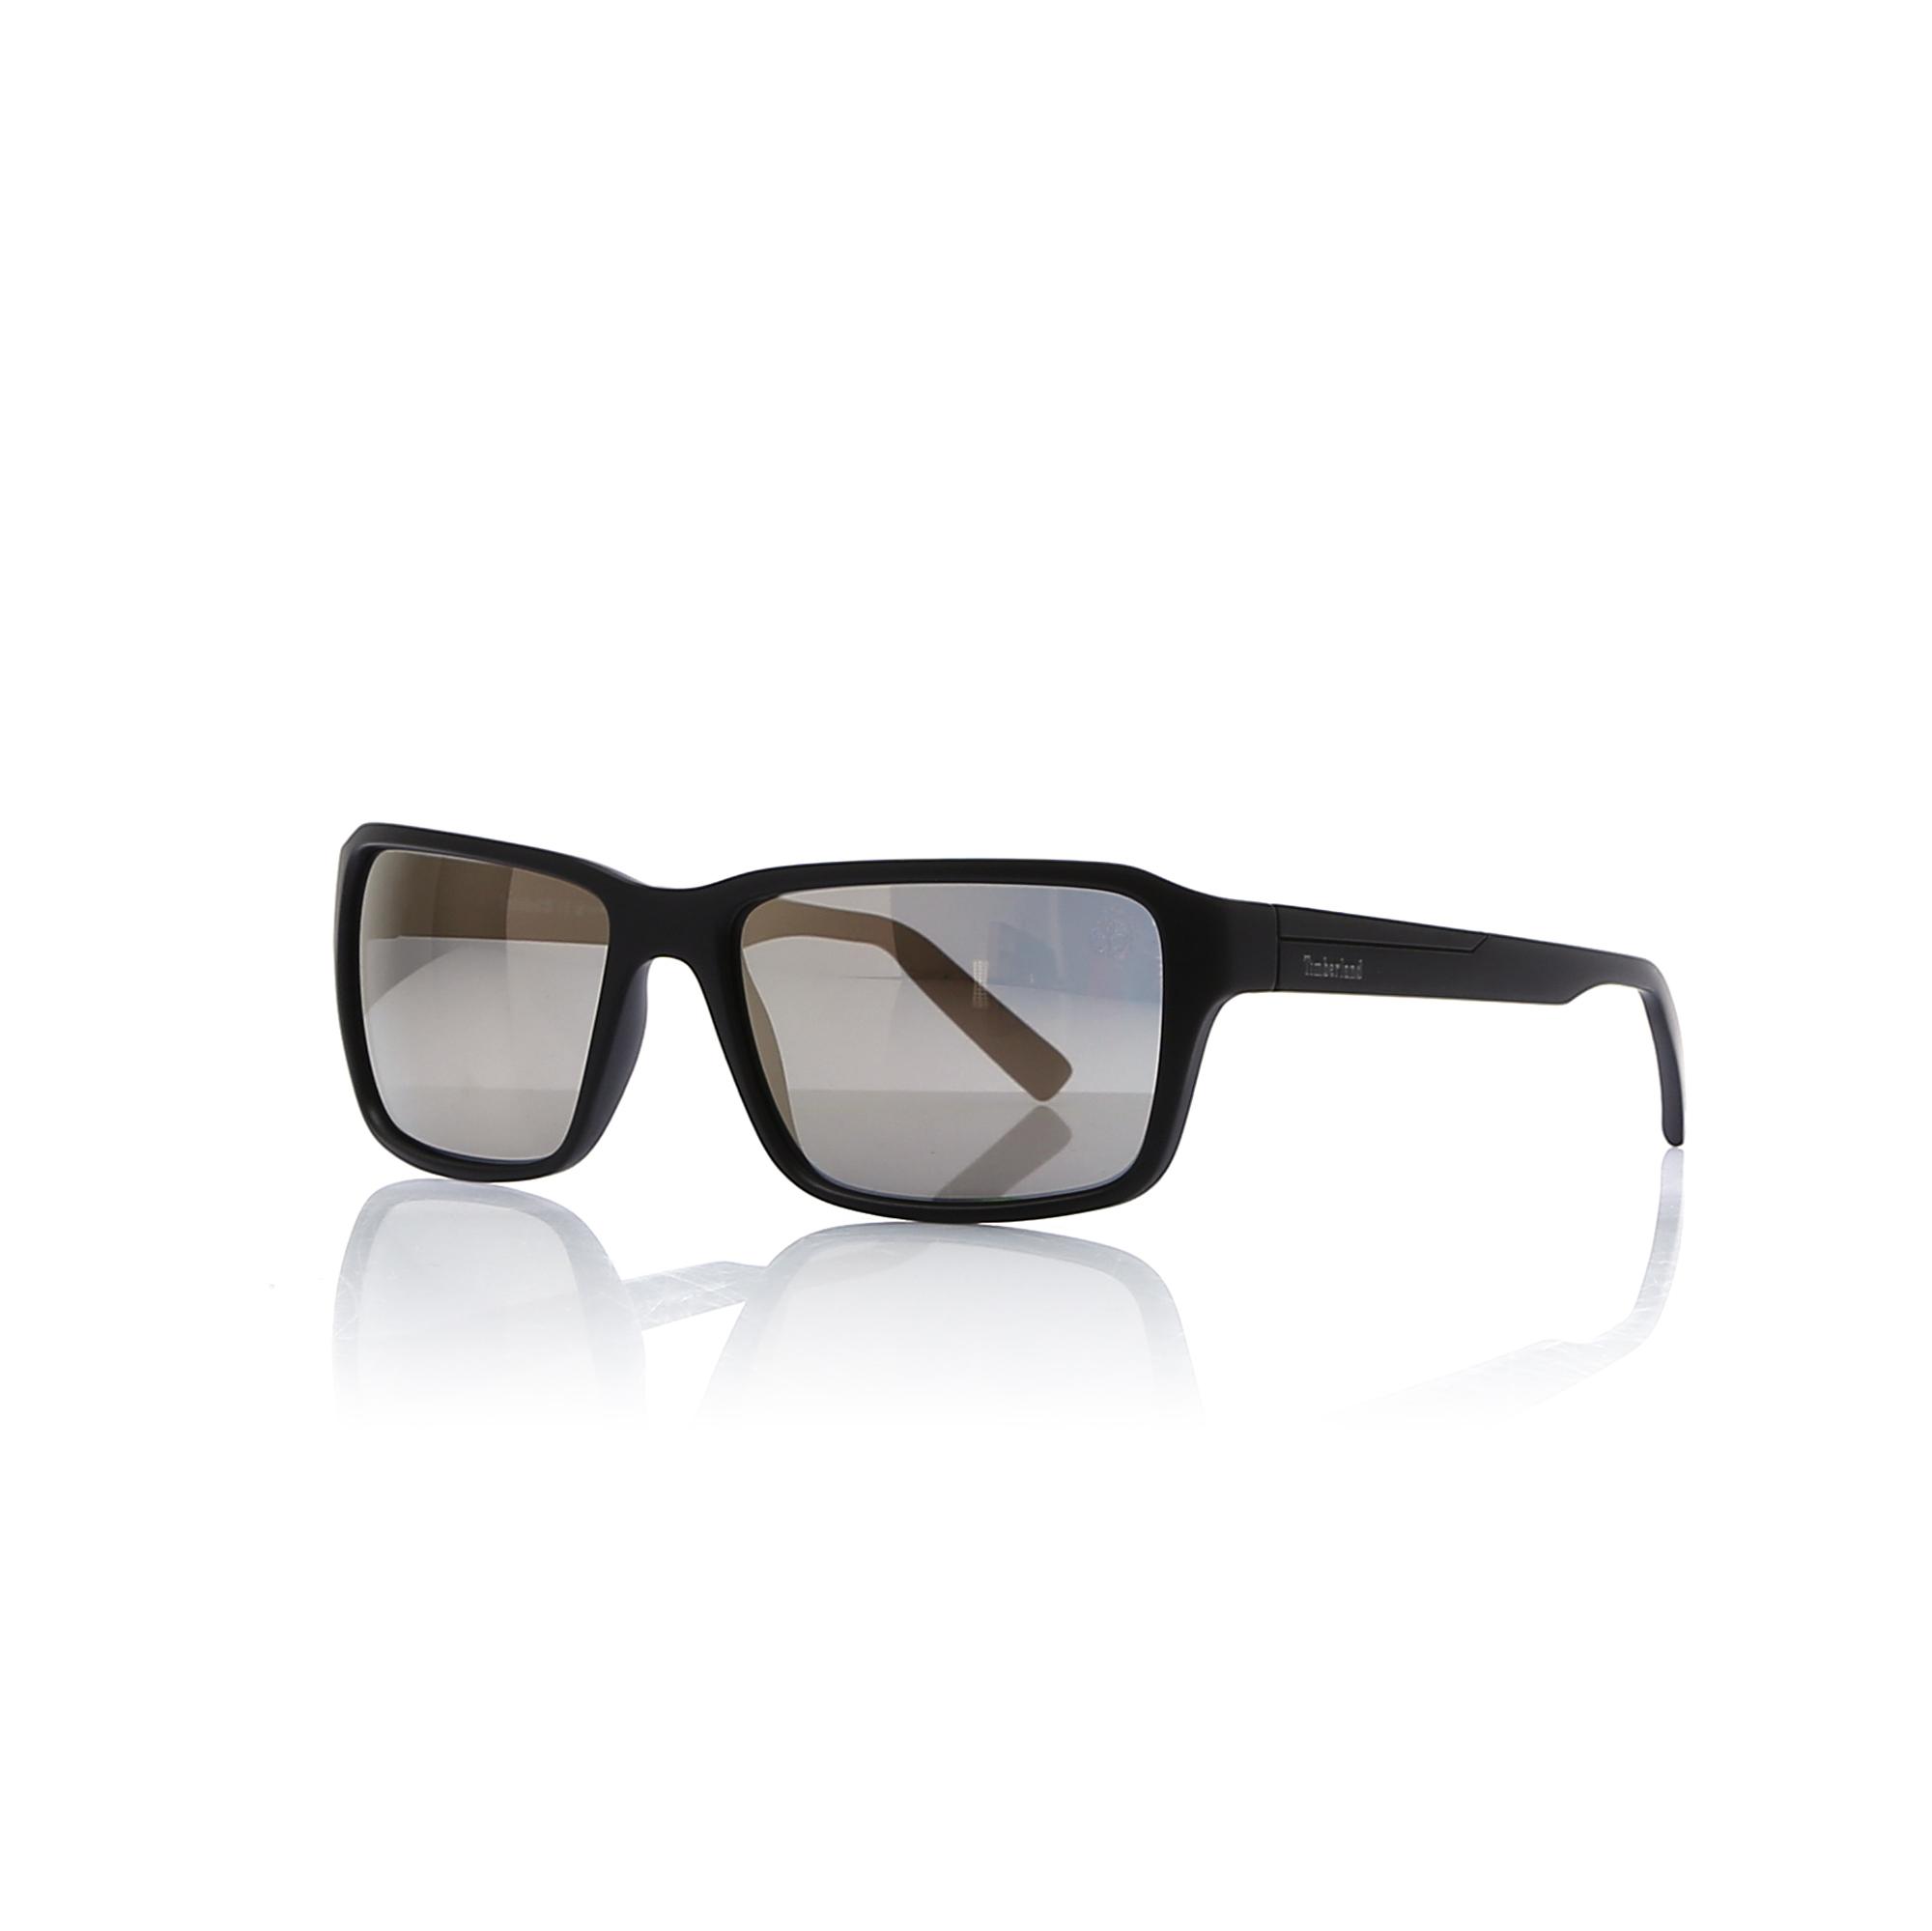 Men's Black Plastic Sunglasses